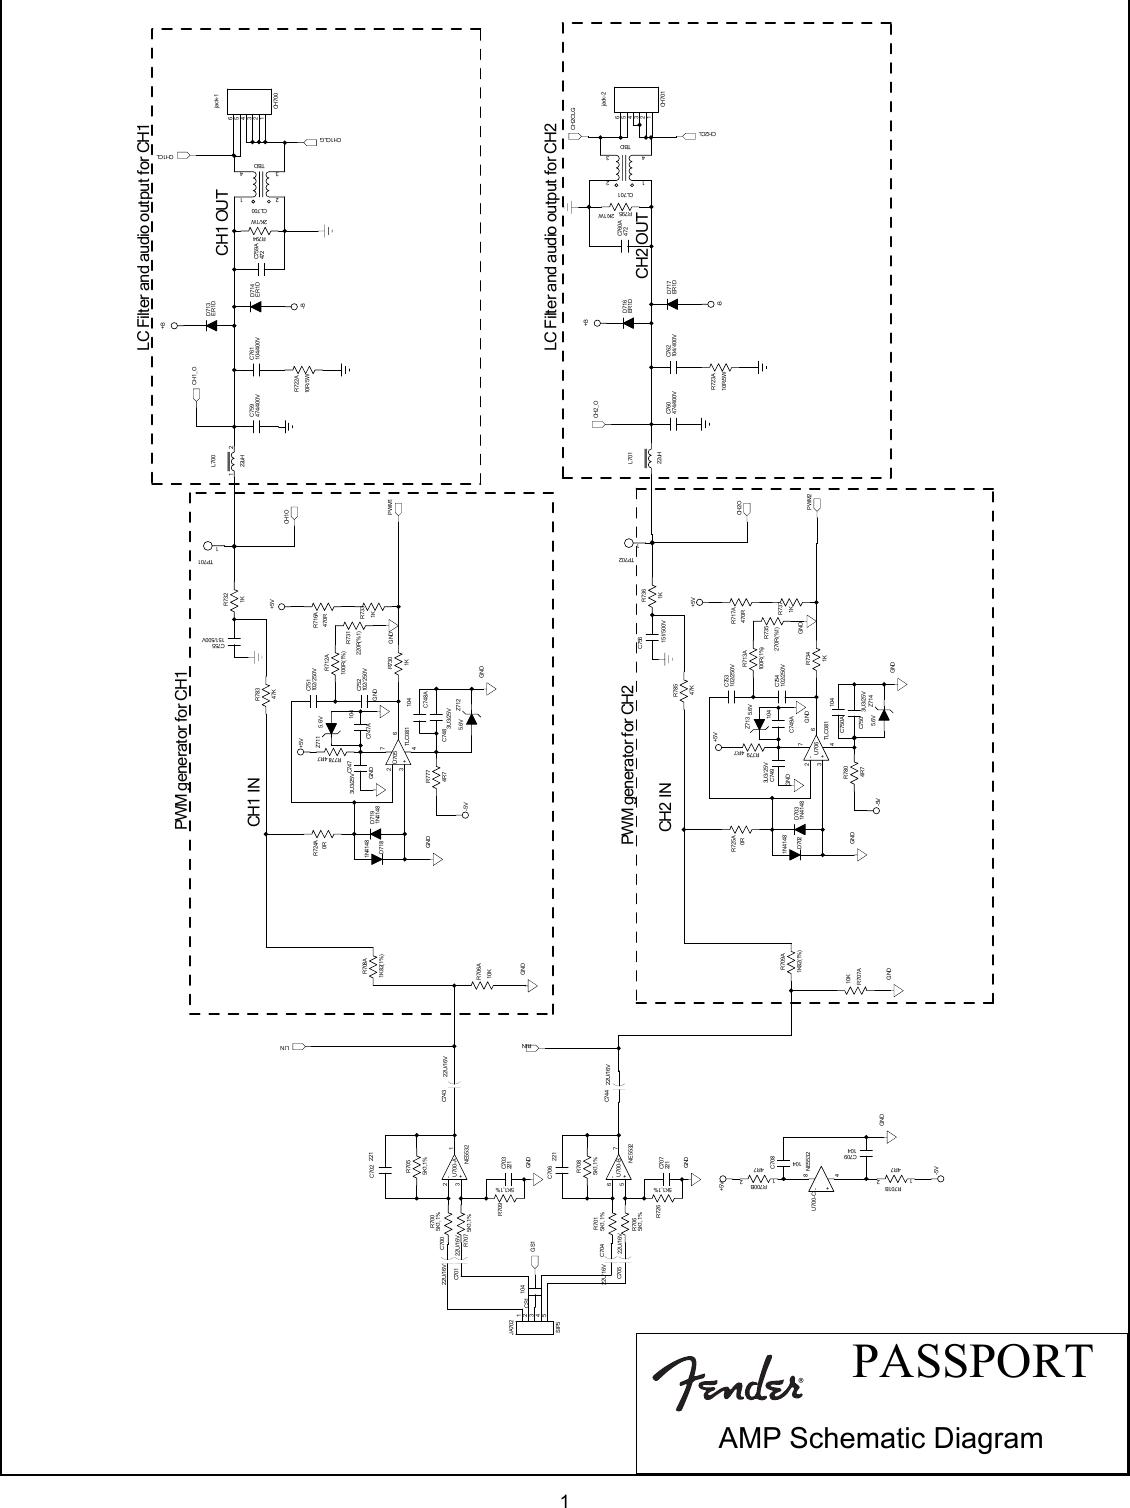 Fender Passport 500 Pro Svc Man Schematics And Layouts Pb30 Wiring Diagram